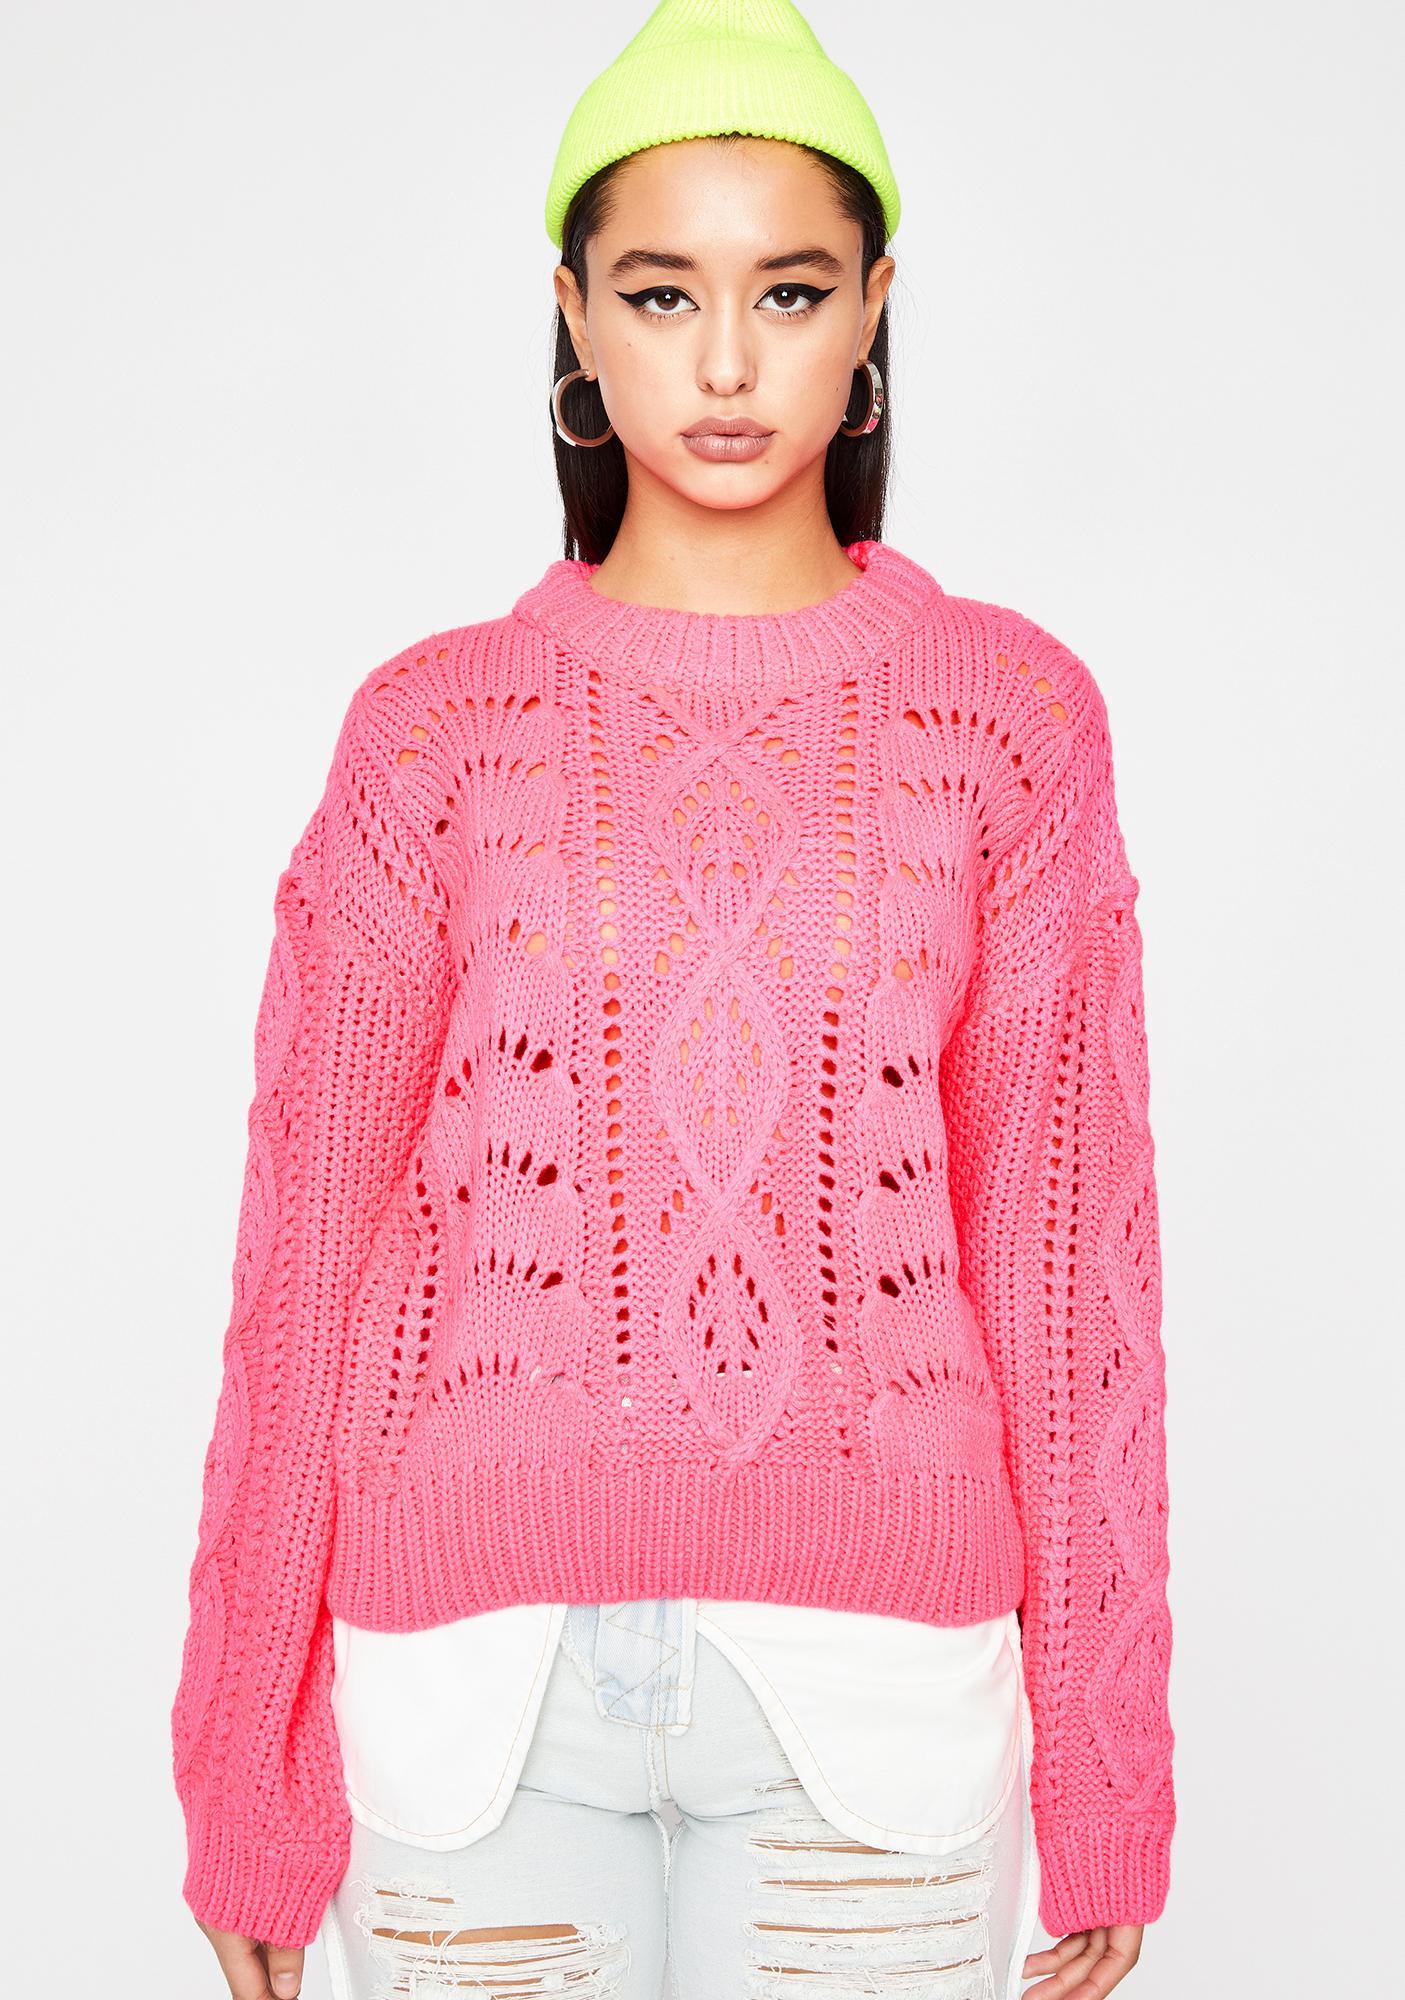 Sweet Flavor Knit Sweater